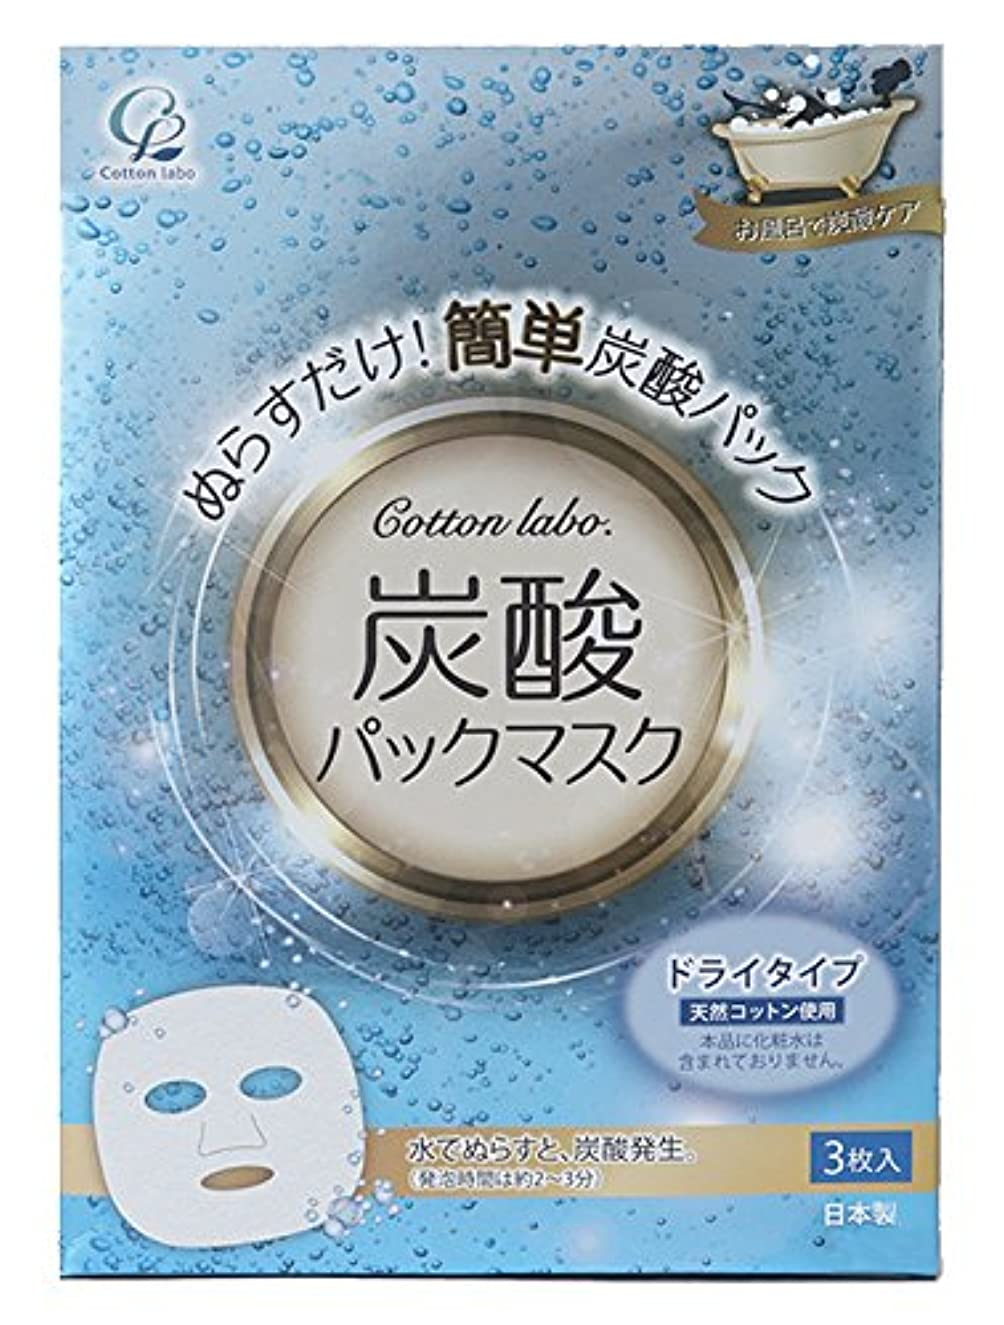 奪う直立マグコットン?ラボ 炭酸パックマスク 3枚入り ドライタイプ 濡らすだけ簡単炭酸ケア (シートタイプフェイスパック)×40点セット (4973202301069)